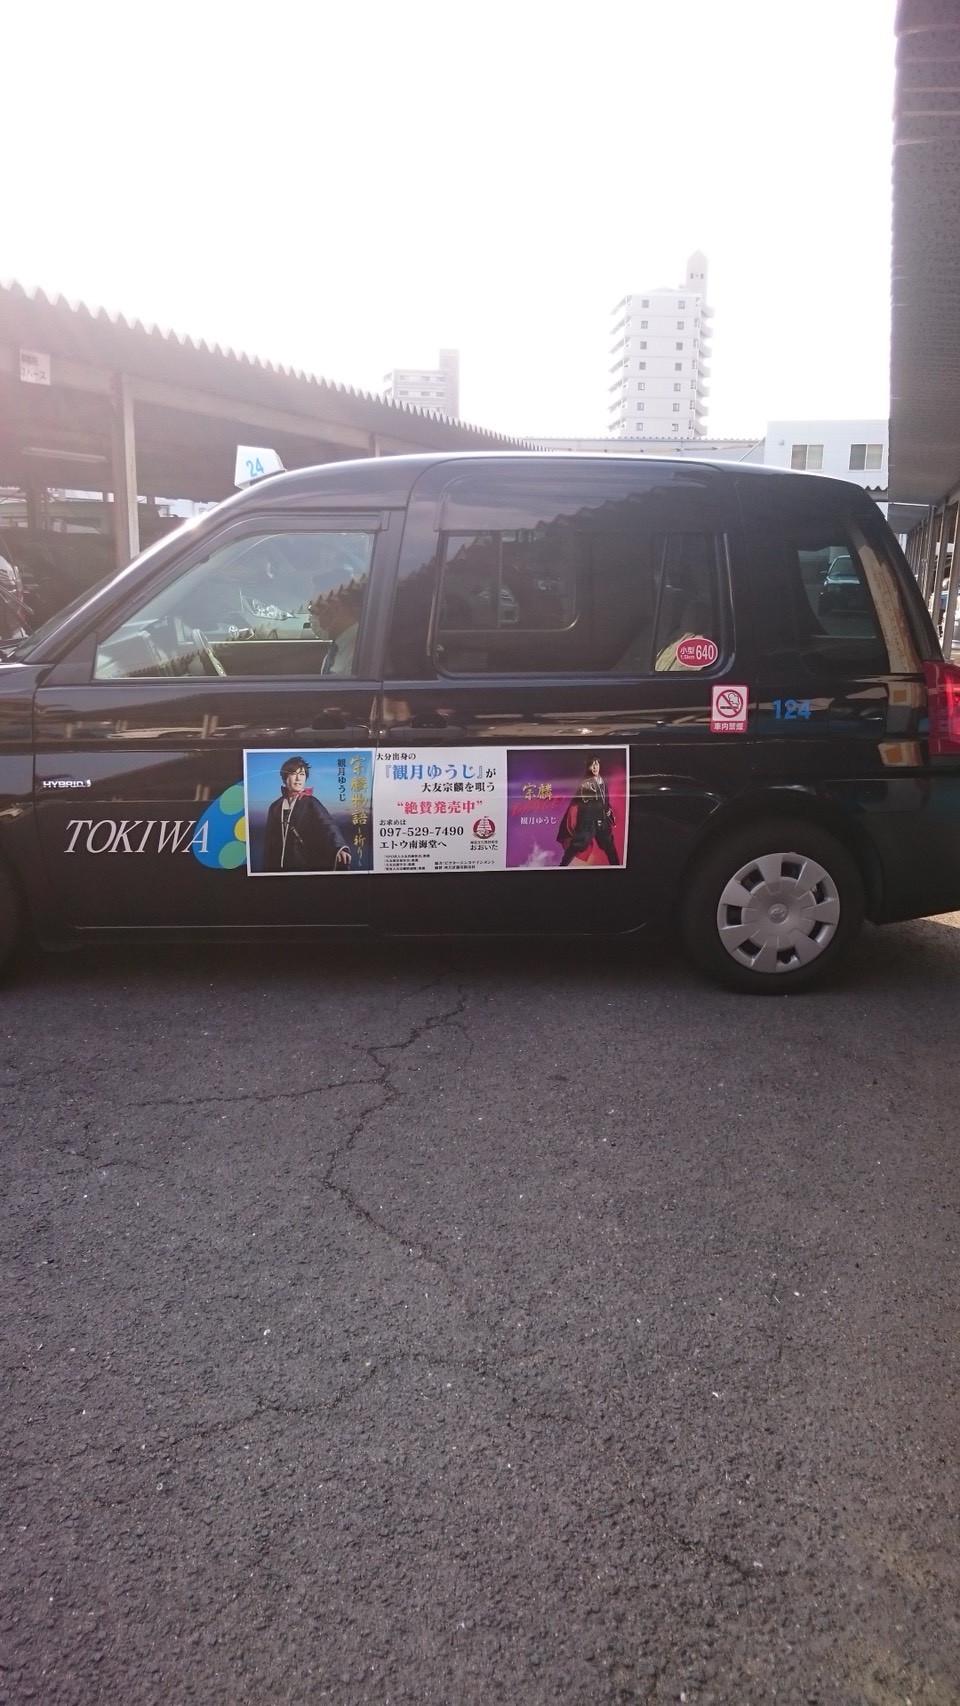 2019年1月23日発売!観月ゆうじ最新曲『宗麟物語~祈り~』/『宗麟DANCE!』☆ラッピングタクシー☆大分 トキハタクシー様